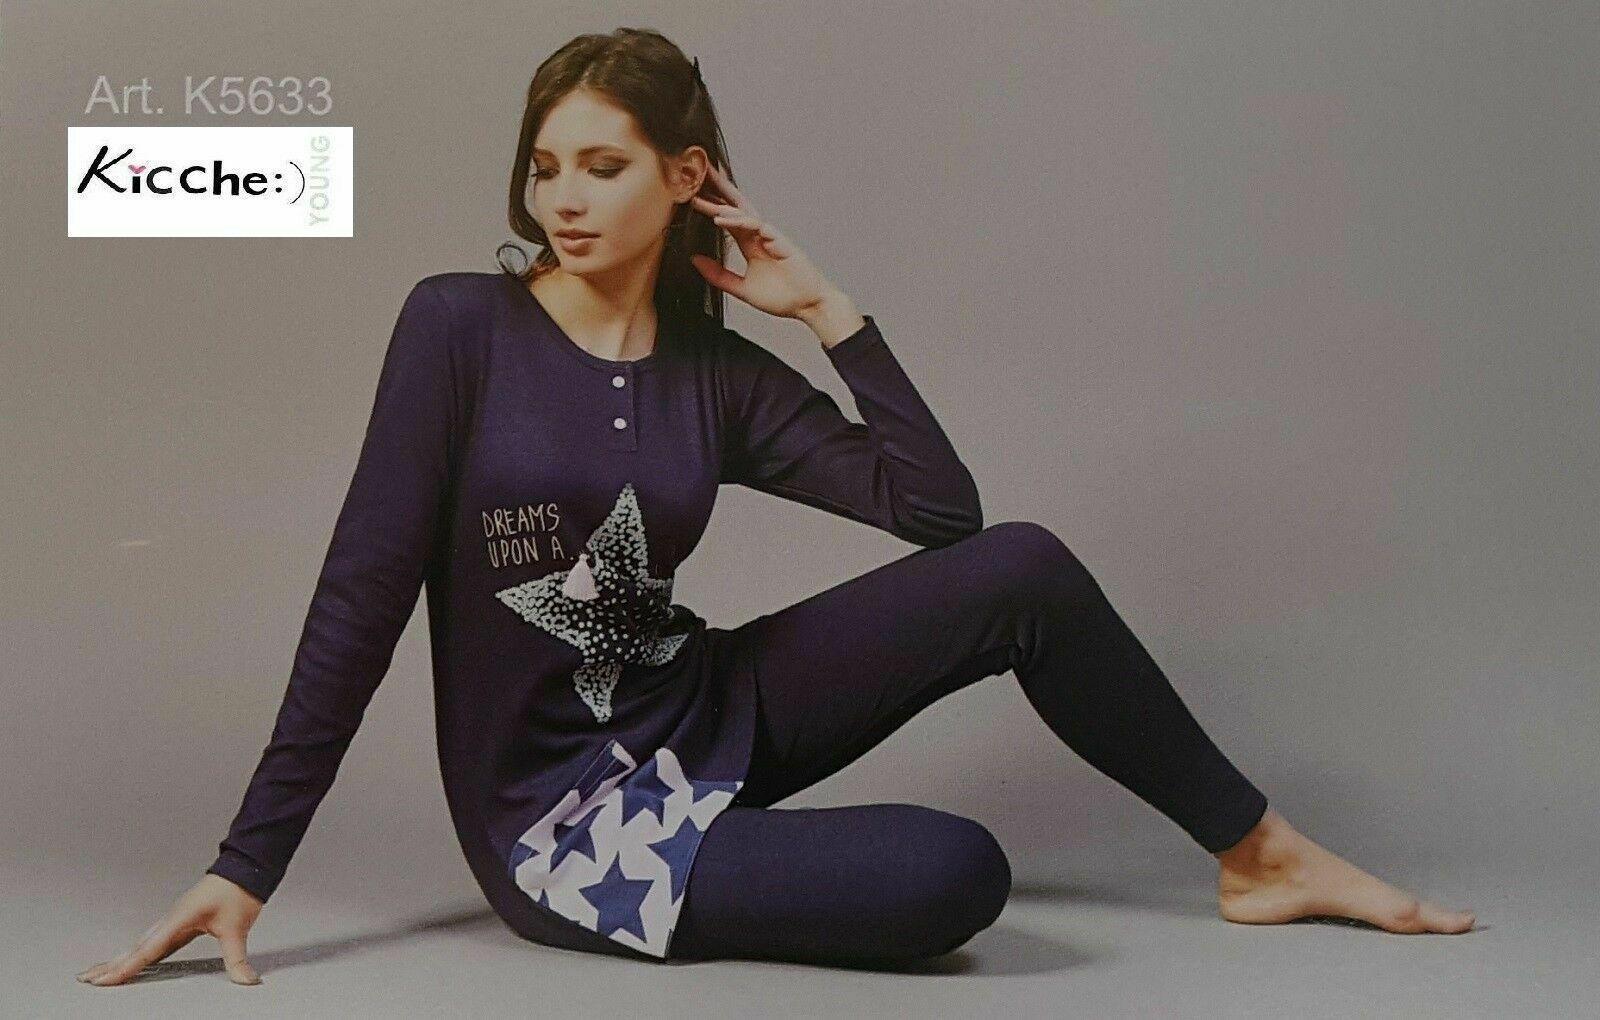 Pigiama invernale Donna in Caldo Cotone Lungo Orlato  KICCHE YOUNG - K5633